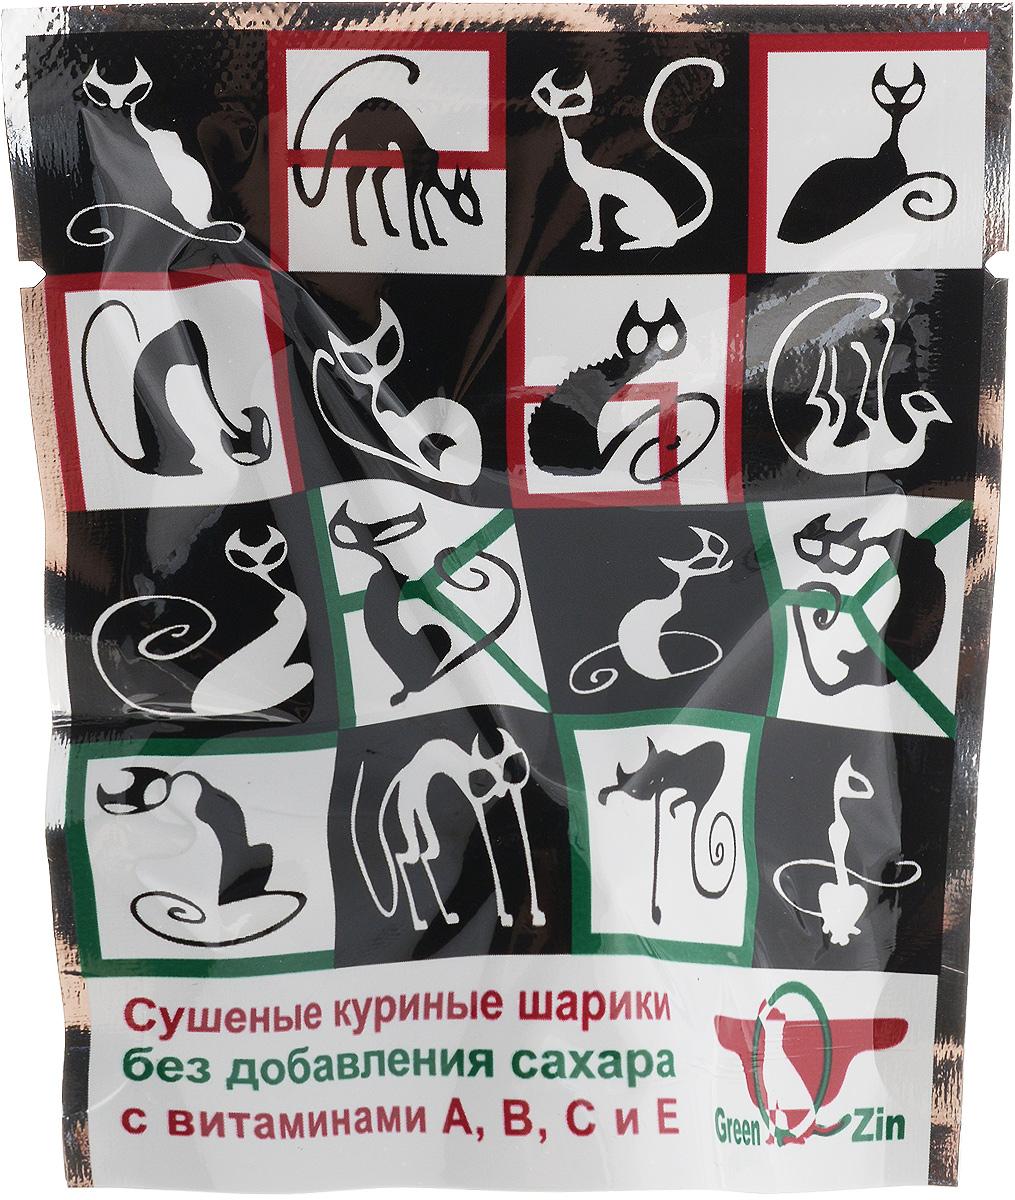 Лакомство для кошек GreenQZin Прыг-скок, витаминная конфетаVTSw-pЛакомство для кошек GreenQZin Прыг-скок содержит только натуральные компоненты: куриное мясо и выжимку свежих фруктов. Лакомство выполнено в виде конфеты-лизуна. Чтобы открыть лакомство, удалите защитную пленку с клеящейся пластиковой основы и приклейте лакомство в любом доступном для кошки месте. Снимите прозрачный колпачок с мясного шарика и позвольте кошке наслаждаться превосходным вкусом деликатеса. Процесс слизывания способствует правильному и более полному усвоению витаминов вместе со слюной в полости рта. Такая конфета развивает ловкость и сметливость кошки, а также делает процесс еды увлекательной игрой. Товар сертифицирован. Чем кормить пожилых кошек: советы ветеринара. Статья OZON Гид